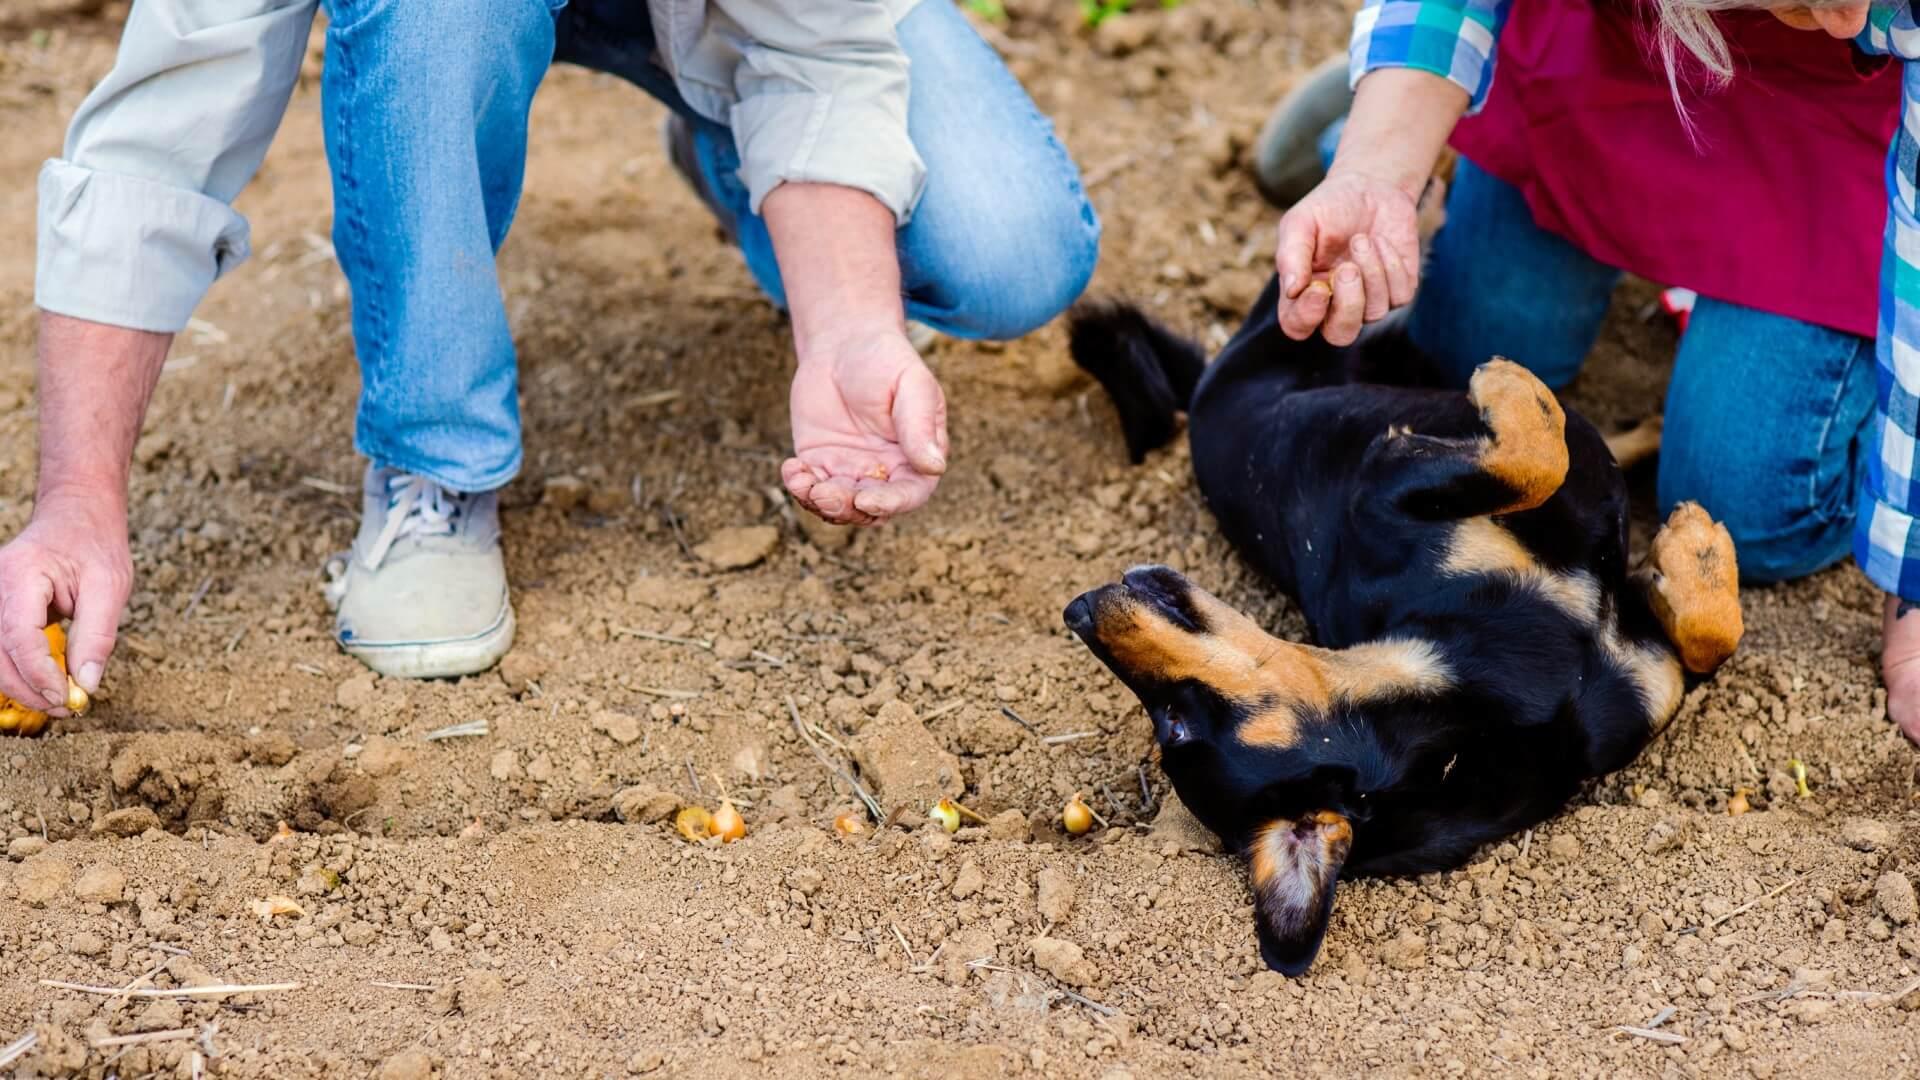 כלב נשכב על בצלים מבלי לאכול אותם